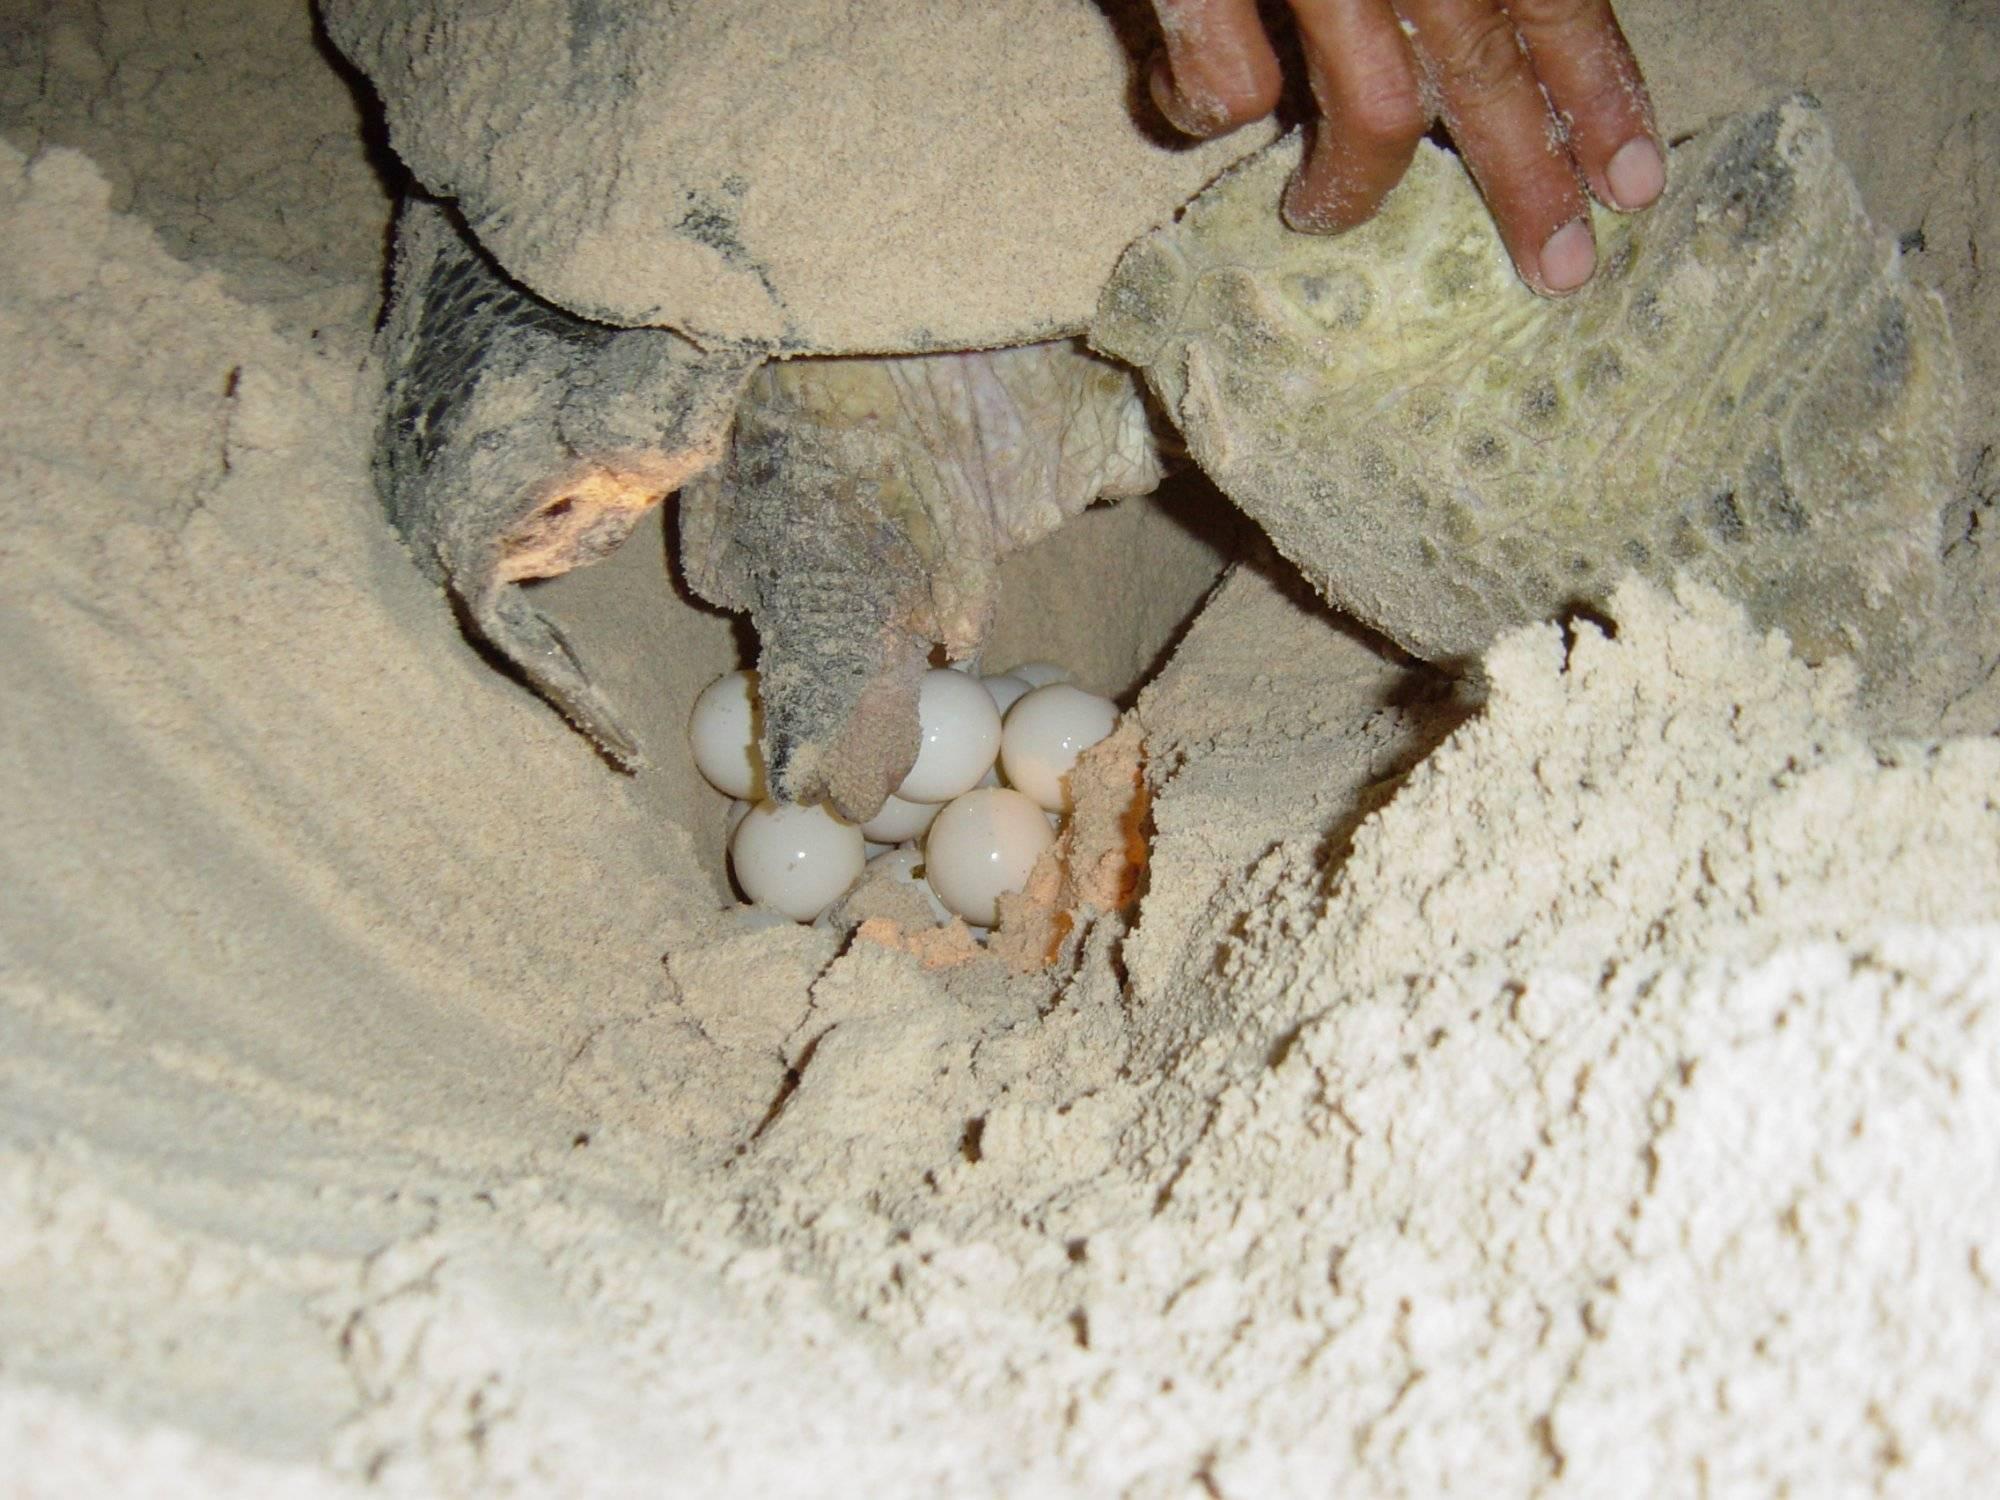 Яйца черепах: питательные характеристики | food and health